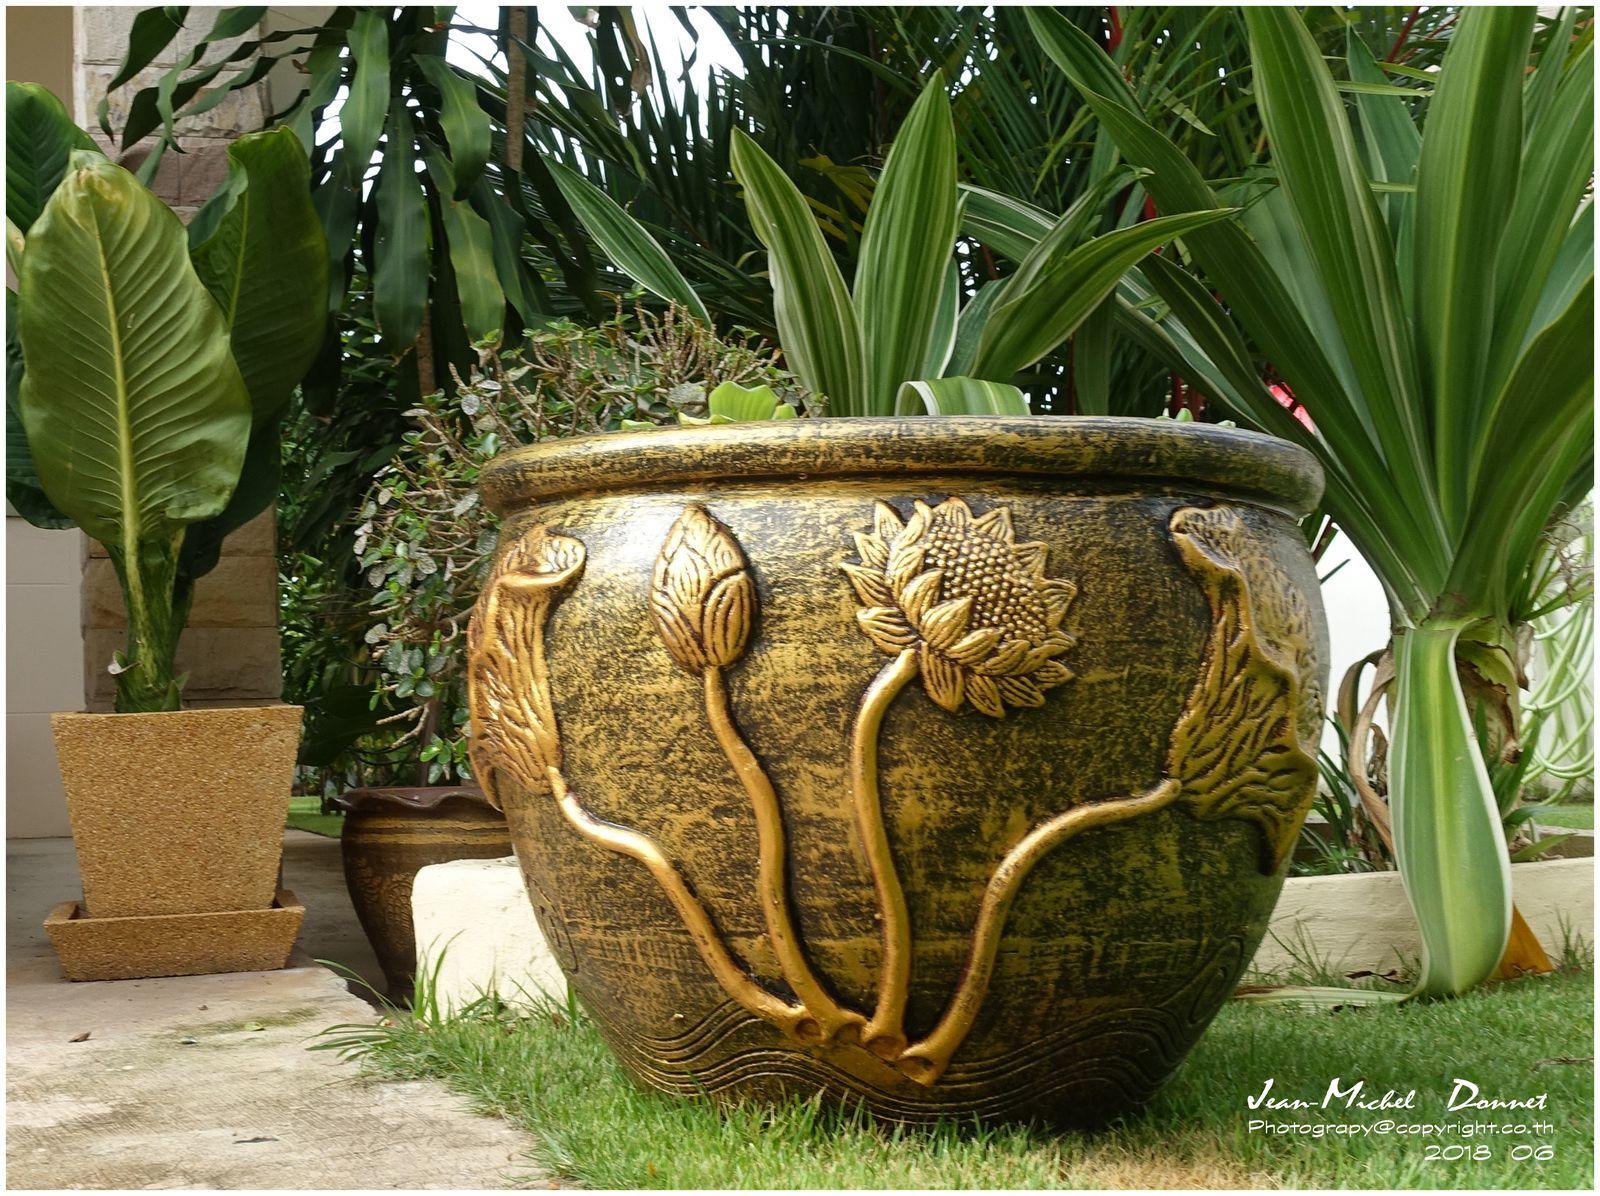 Les poteries ont trouvé leur place.... (Thaïlande)